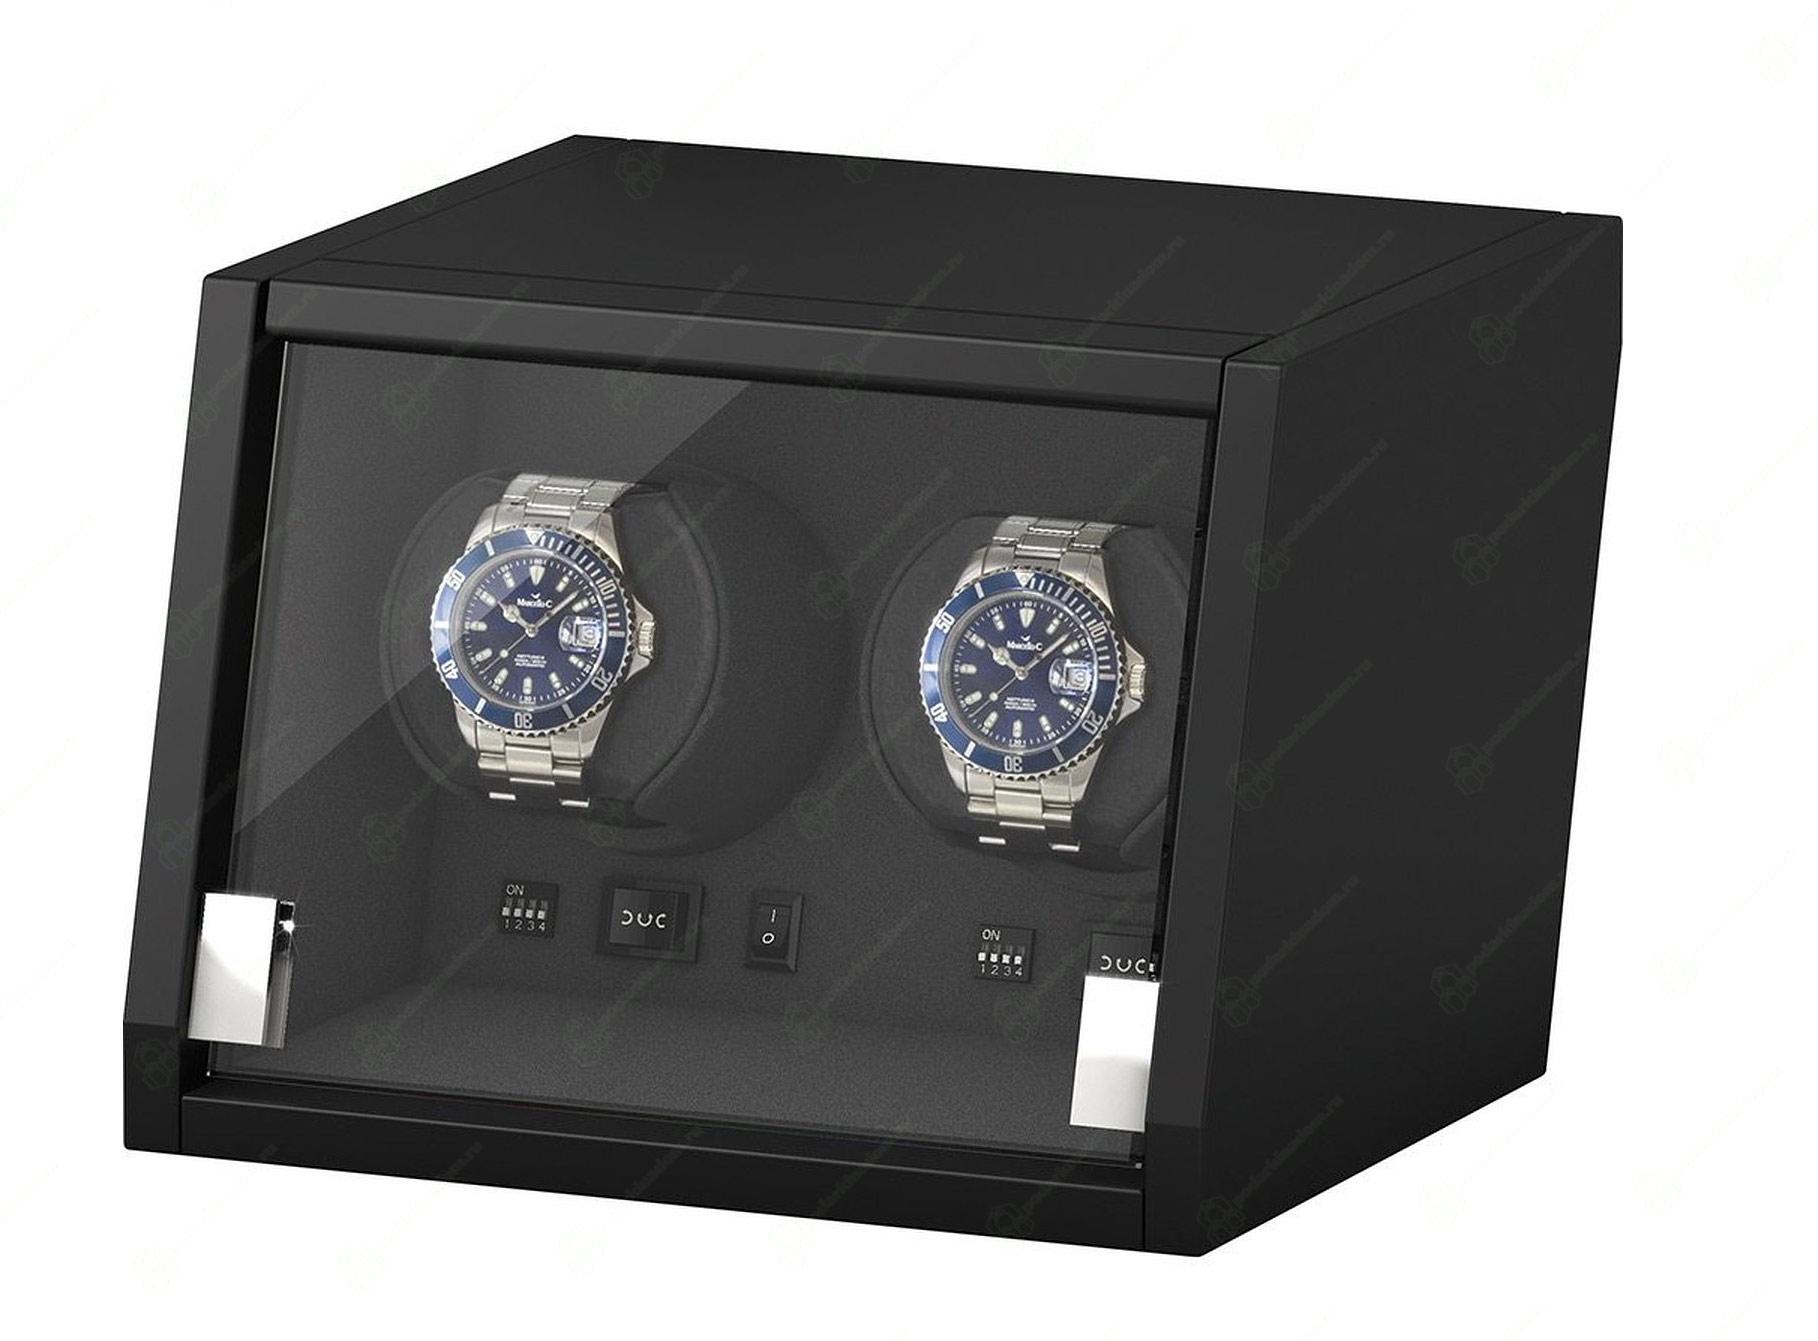 BOXY CA02 Шкатулка для подзавода двух механических часов. Оснащена автоматической светодиодной подсветкой. Работает только от сети.